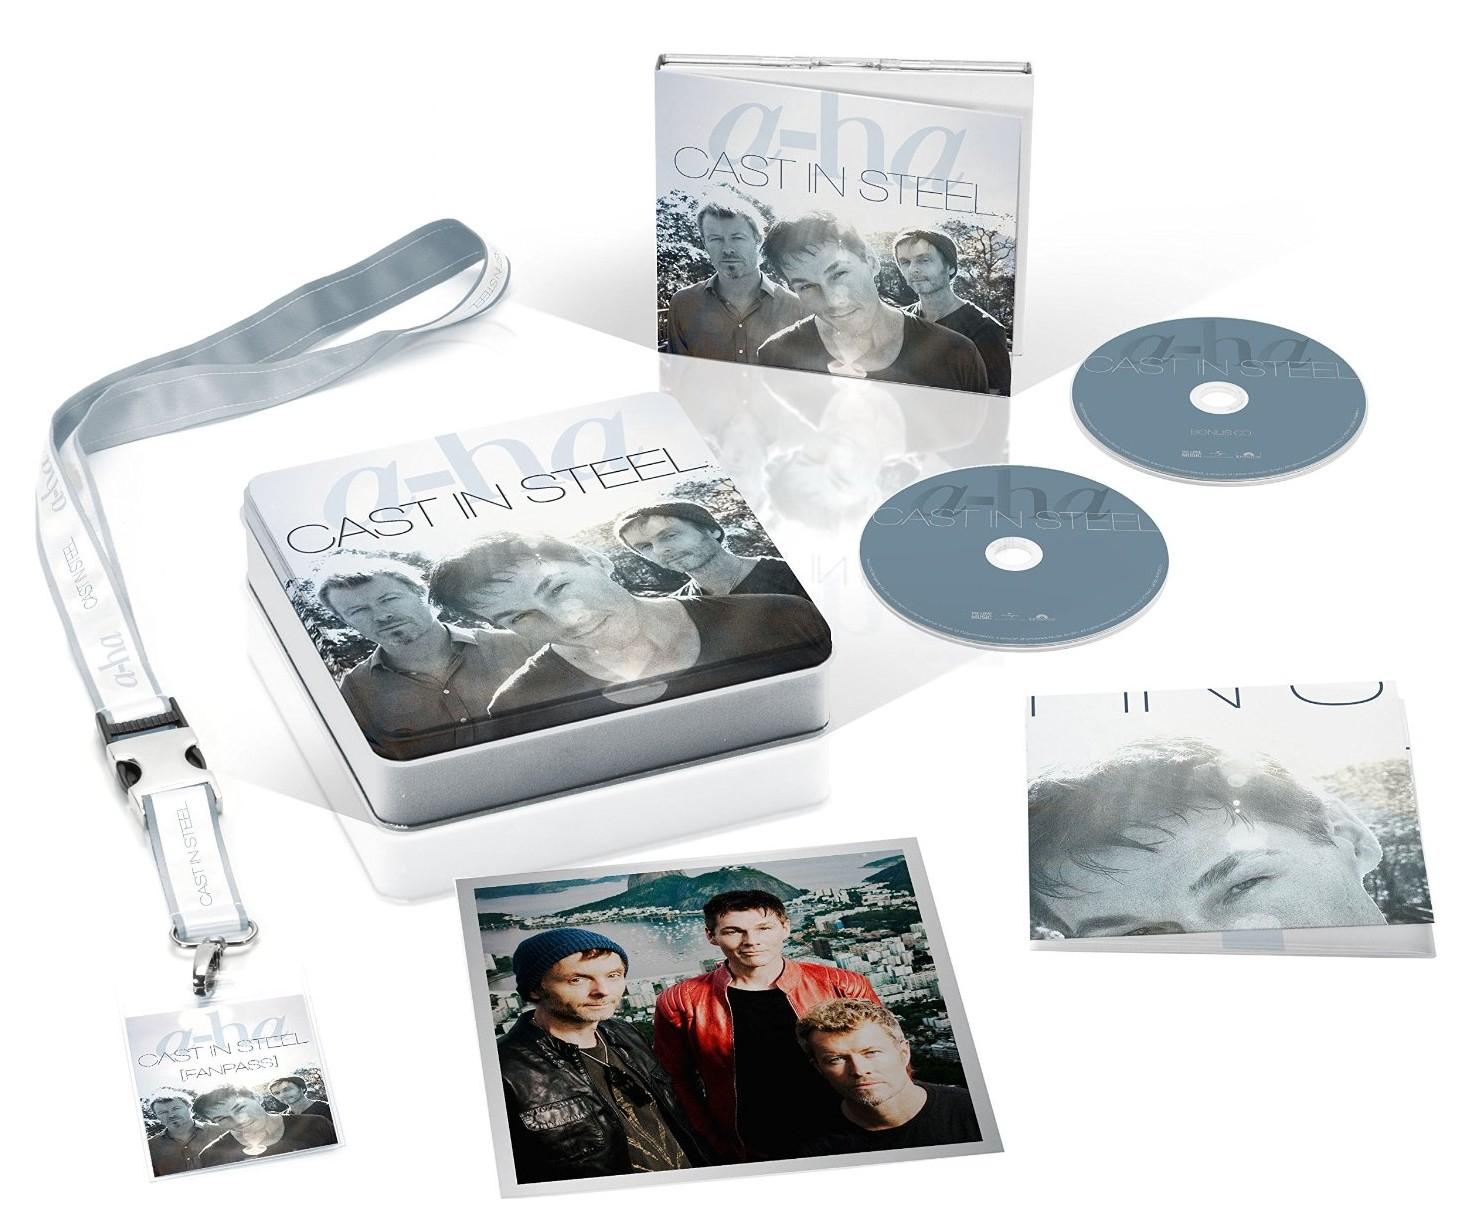 a-ha / Cast in Steel fanbox